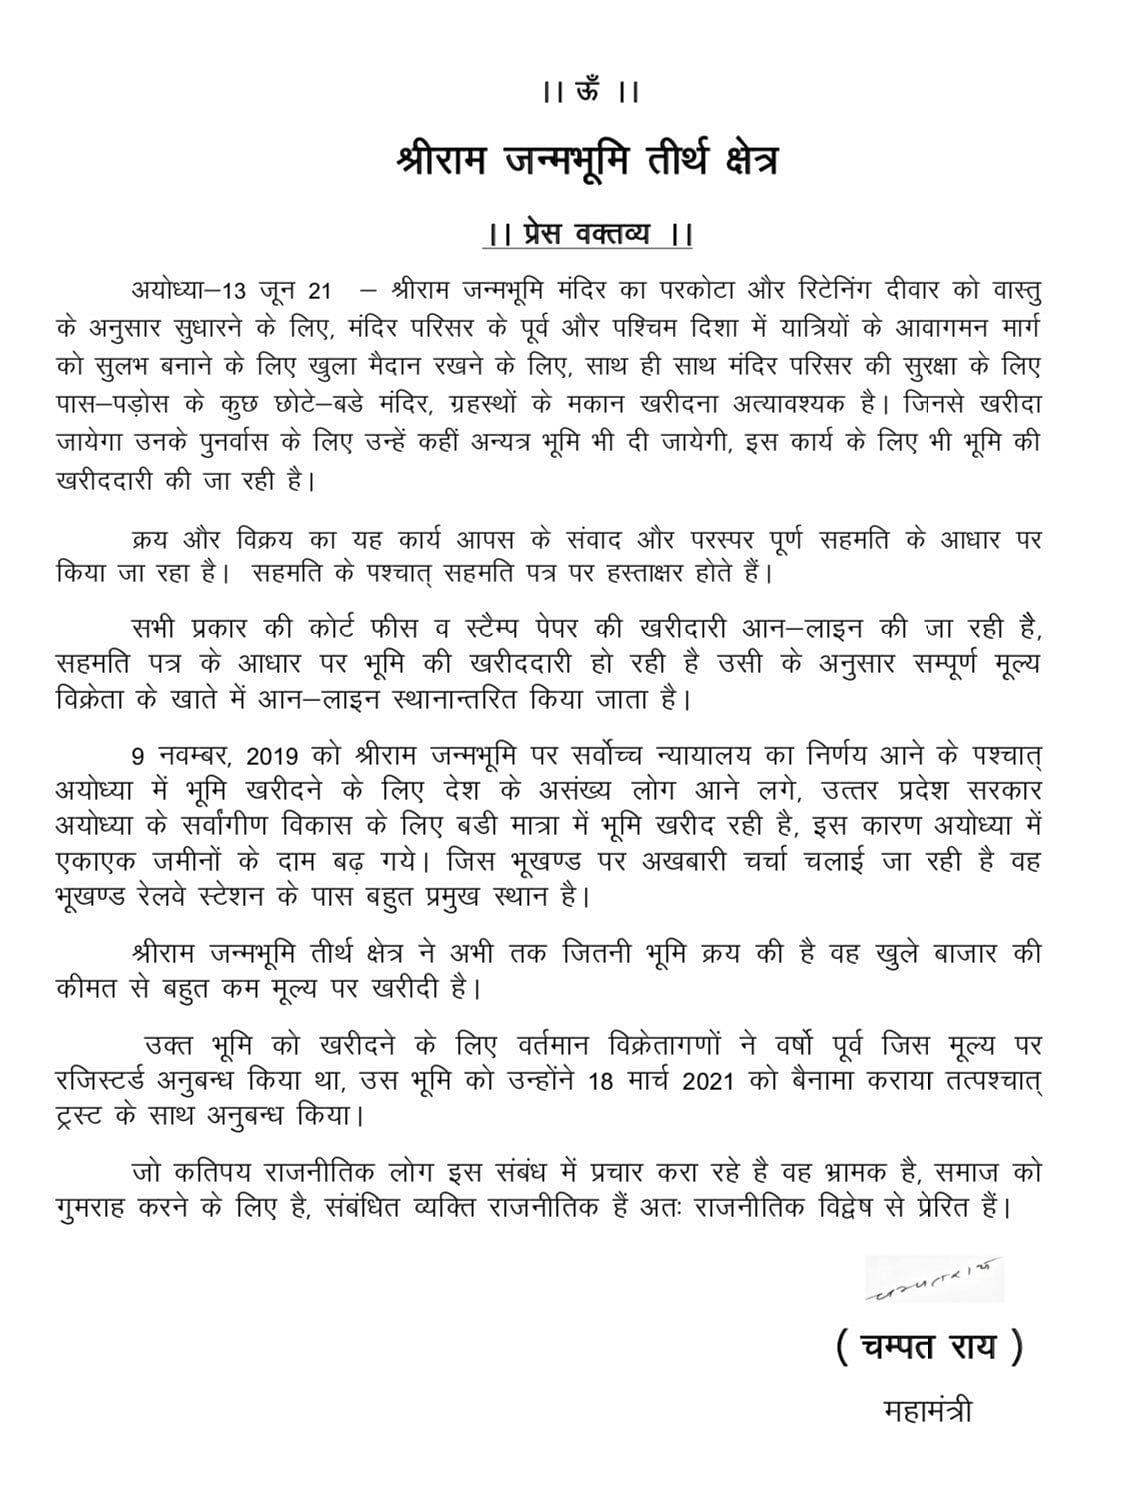 राम मंदिर ट्रस्ट ने करोड़ों के जमीन घोटाले पर दिया गोलमोल जवाब, चंपत राय बोले- हम पर तो गांधी जी की हत्या का भी आरोप है